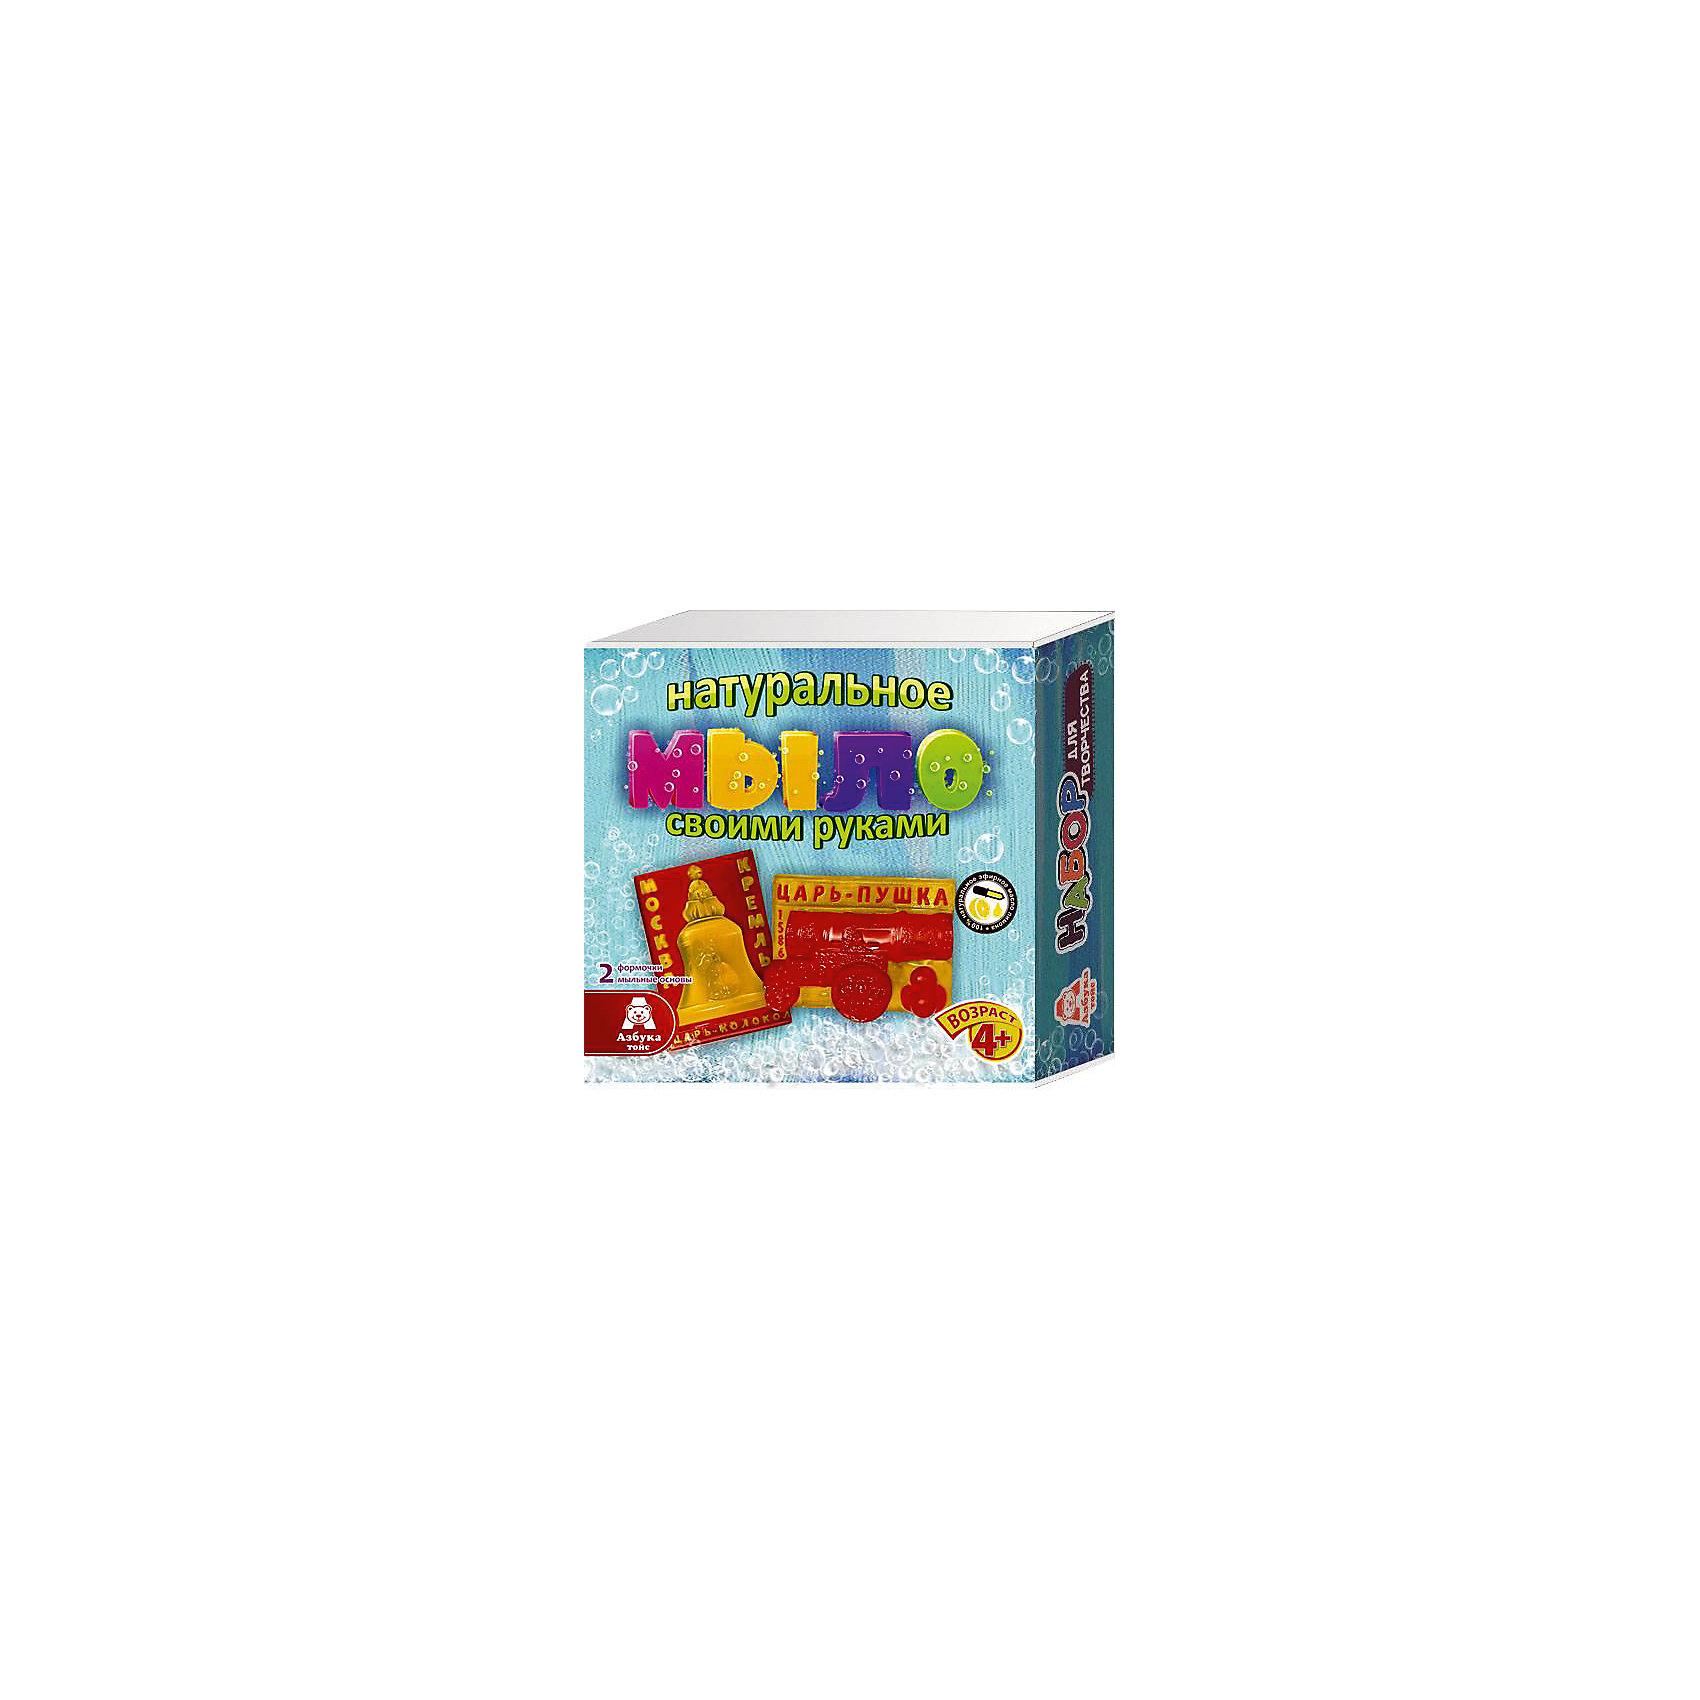 Мыло Жемчужины КремляСоздание мыла<br>Характеристики товара:<br><br>• упаковка: коробка<br>• количество цветов: 5<br>• возраст: 4+<br>• масса: 260 г<br>• габариты: 50х140х140 мм<br>• комплектация: натуральная мыльная основа (5 видов), эфирное масло (5 видов), деревянная палочка, емкость для растапливания, формочки - 5 шт., инструкция<br>• страна бренда: РФ<br>• страна изготовитель: РФ<br><br>Мыловарение – интересный и необычный способ занять малыша. Ошибочно полагать, что создавать мыло – творчество только для девочек. В новом наборе формочки позволяют варить мыло в форме различных предметов. На выходе у ребенка получится настоящее мыло, готовое к использованию. Благодаря эфирным маслам оно будет приятно пахнуть. В наборе есть все необходимое для создания продукта.<br>Набор станет отличным подарком ребенку, так как он сможет сам сделать полезную вещь для себя или в качестве подарка близким! Материалы, использованные при изготовлении товара, сертифицированы и отвечают всем международным требованиям по качеству. <br><br>Набор Мыло Жемчужины Кремля от бренда Азбука Тойс можно приобрести в нашем интернет-магазине.<br><br>Ширина мм: 140<br>Глубина мм: 50<br>Высота мм: 140<br>Вес г: 260<br>Возраст от месяцев: 48<br>Возраст до месяцев: 96<br>Пол: Унисекс<br>Возраст: Детский<br>SKU: 5062859